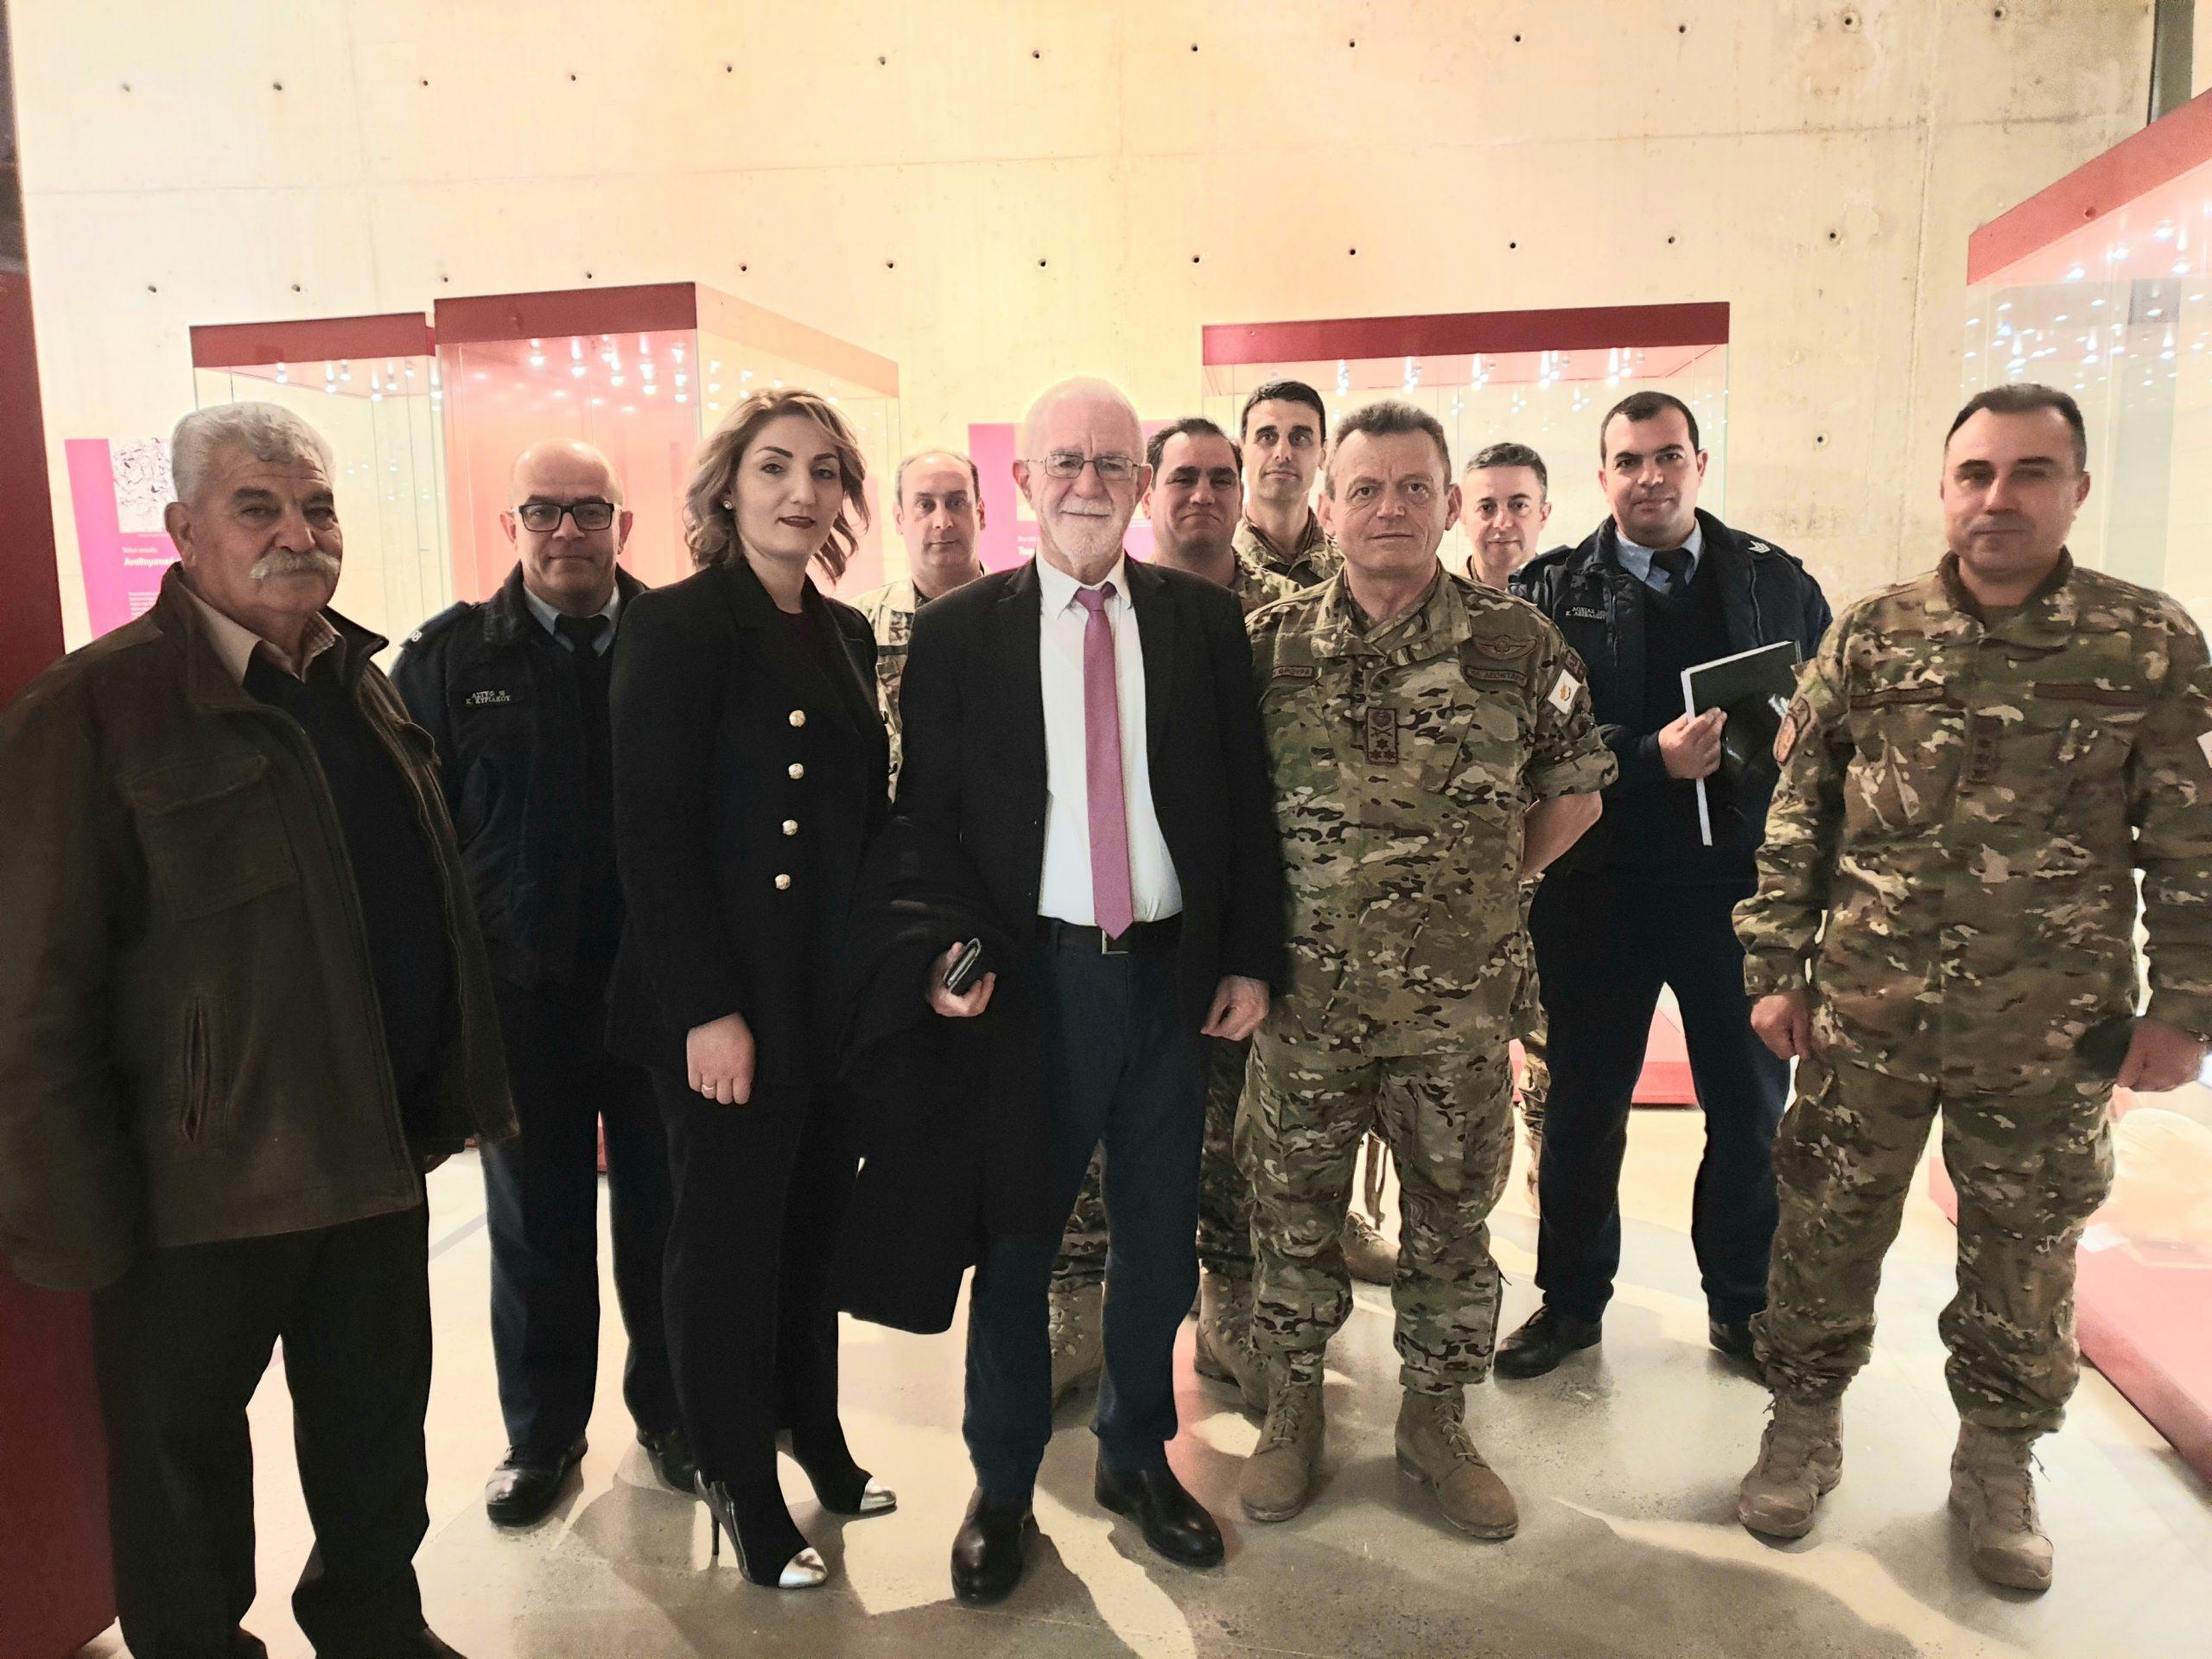 Επίσκεψη του Αρχηγού της Εθνικής Φρουράς κ. Ηλία Λεοντάρη στον Δήμο Αθηένου.